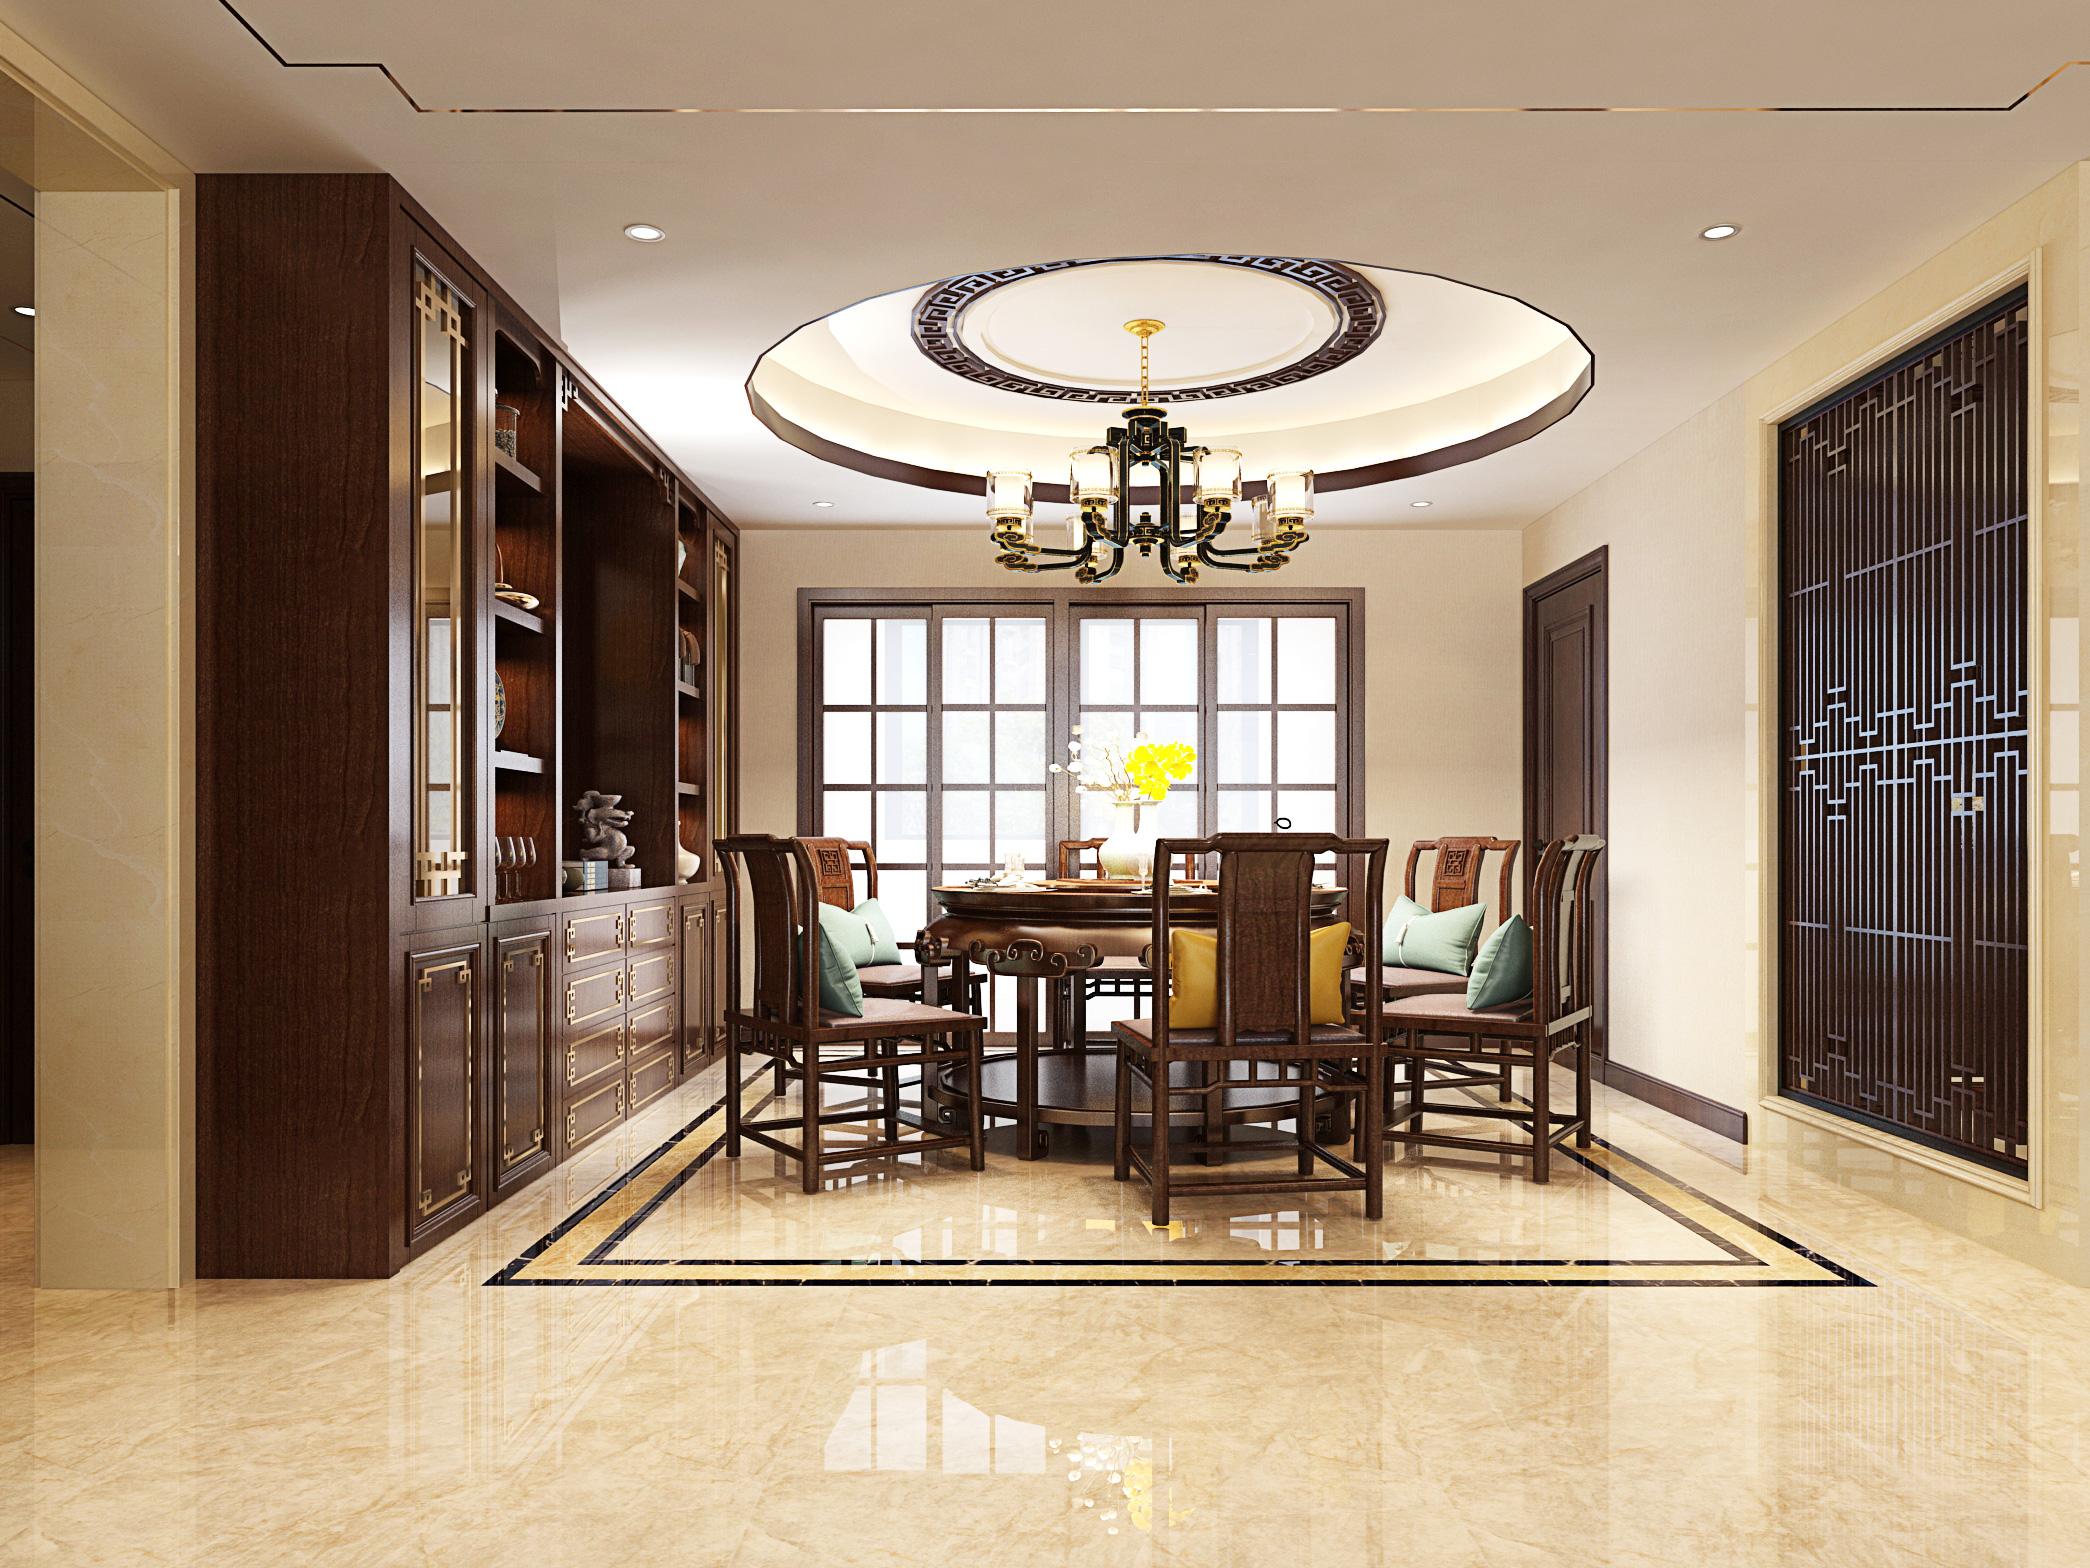 室内装修涂料应该如何进行选购?